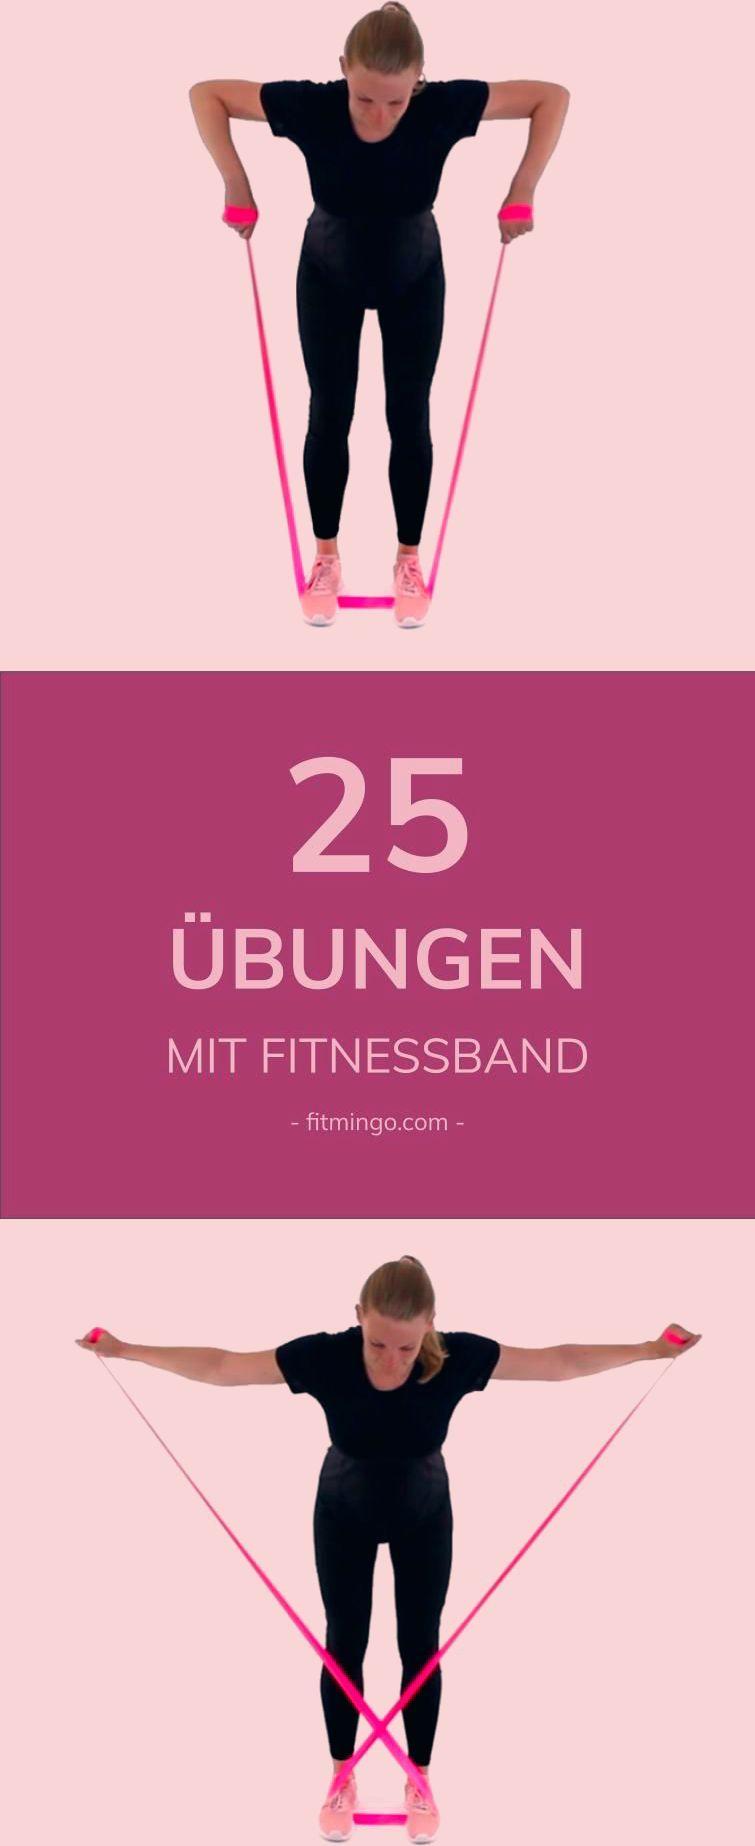 Nur mit einem Fitnessband, kannst du deinen ganzen Körper trainieren. Bei uns findest du Übungen für...